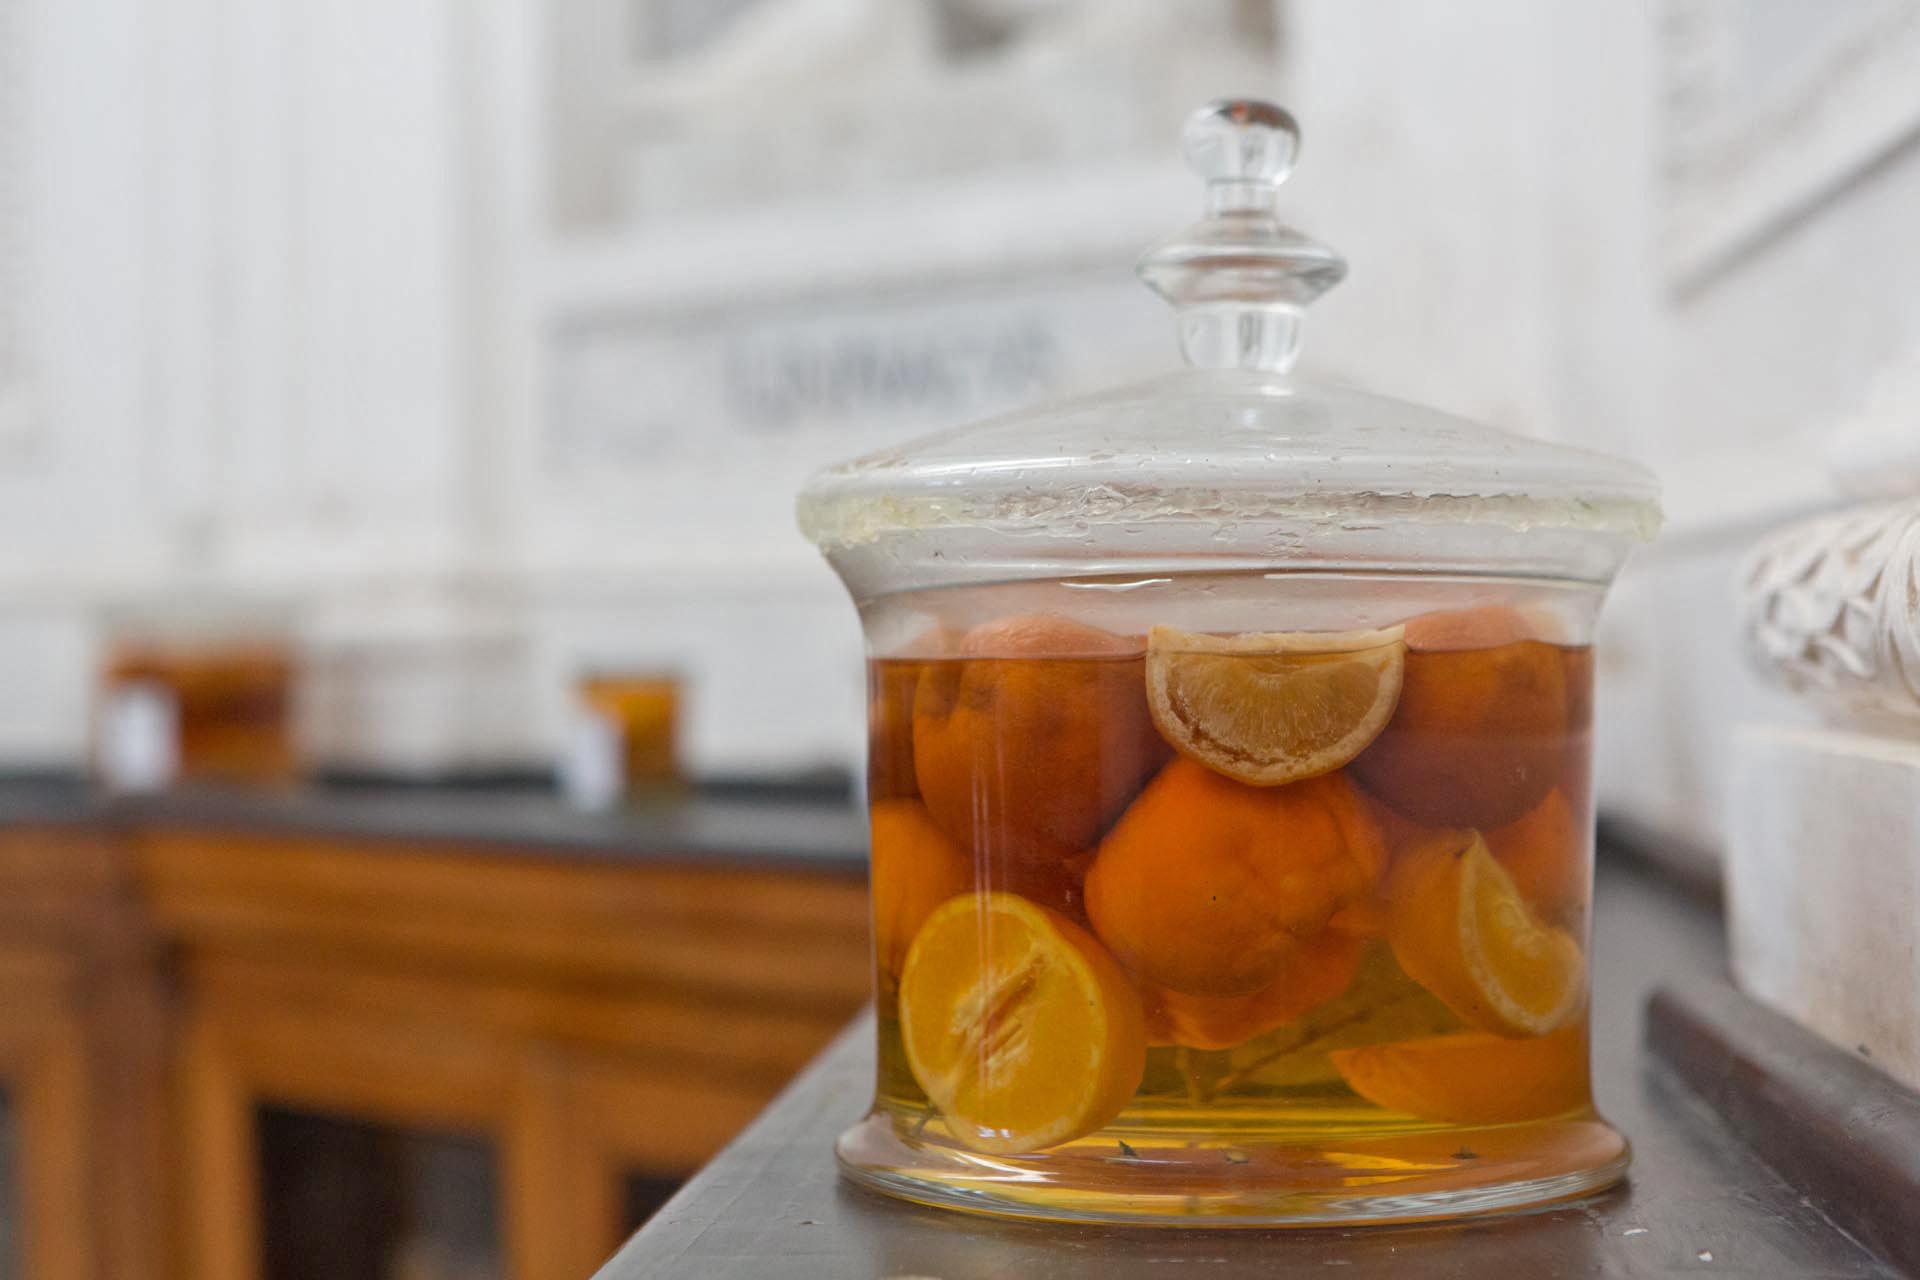 Eingelegte Zitrusfrüchte im Botanischen Garten – Pickled citrus fruits in Palermo's Orto Botanico which is part of the section 'Garden of Flows of The Planetary Garden. Cultivating Coexistence.'